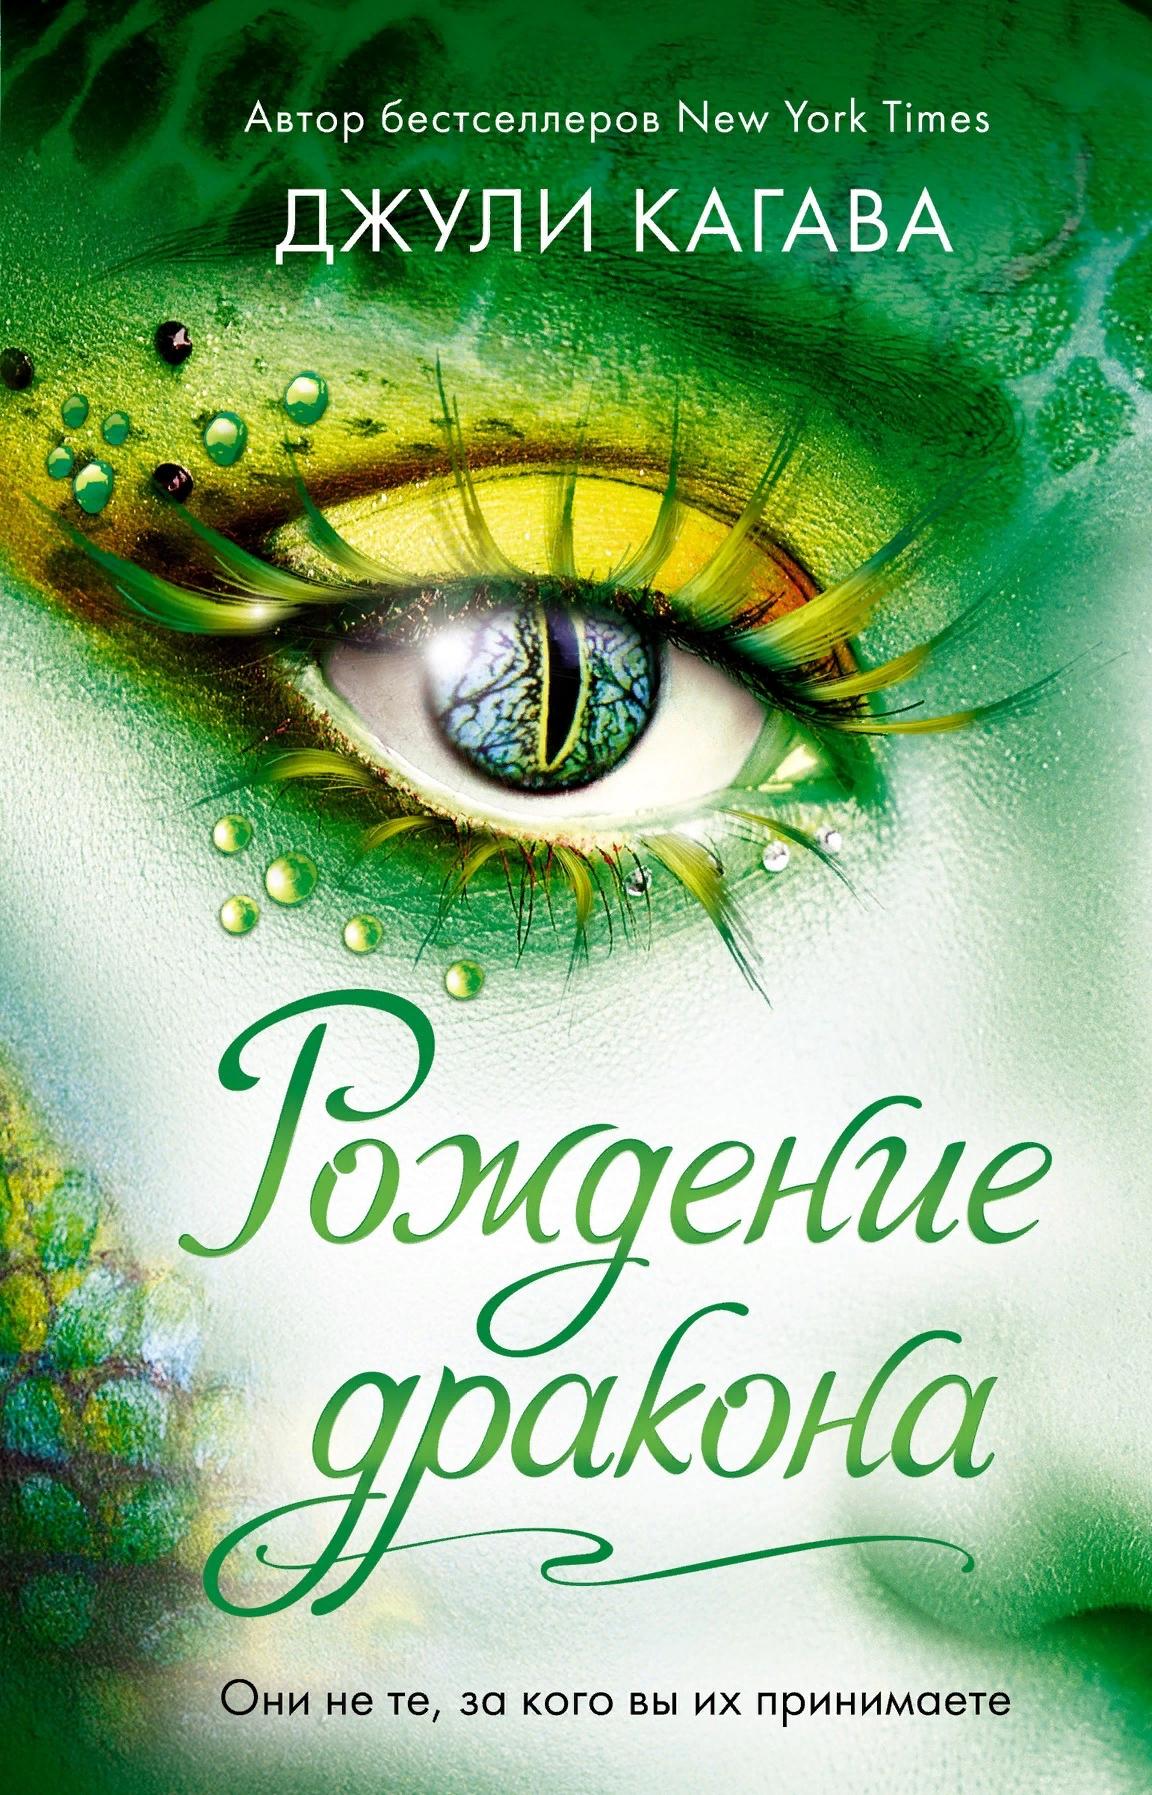 Джули Кагава «Рождение дракона»